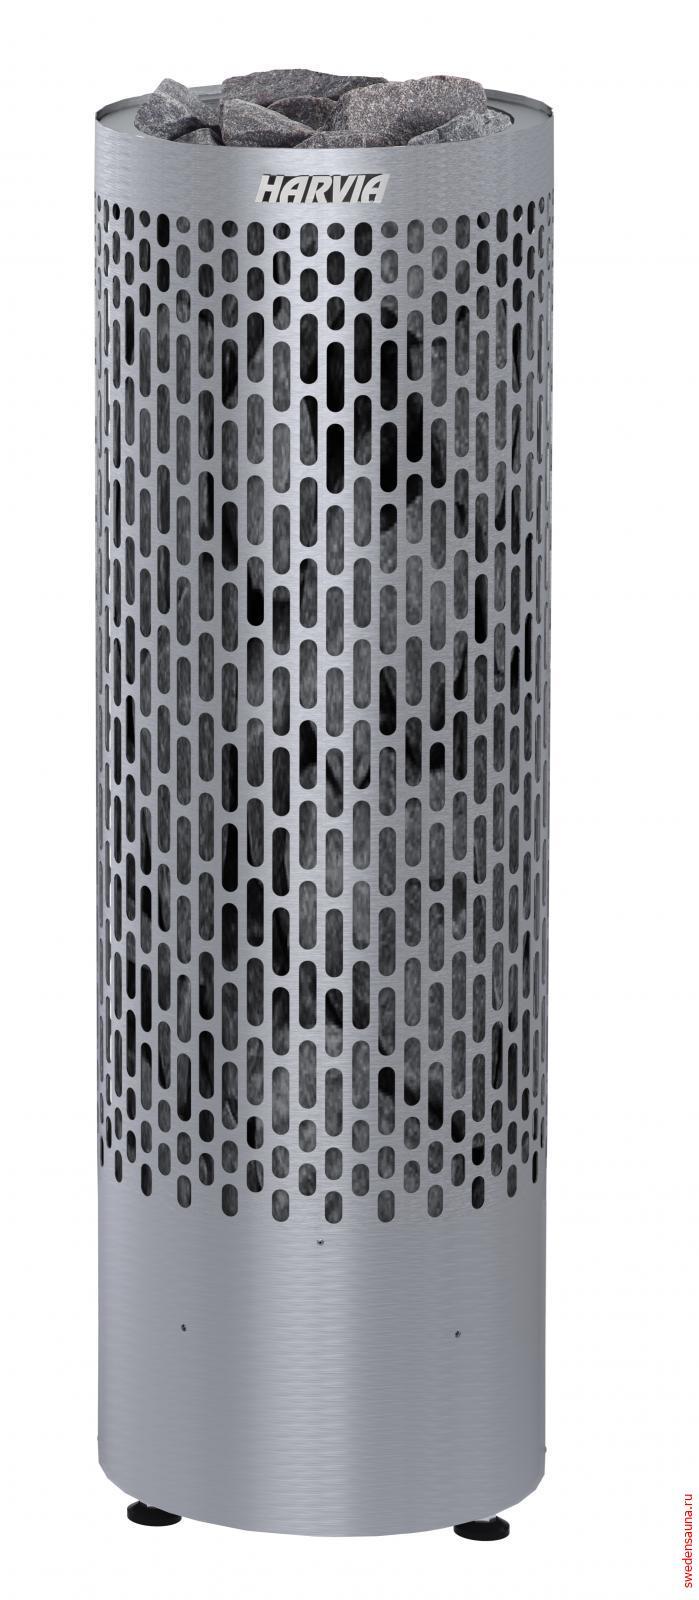 Электрическая печь Harvia Cilindro Plus PP90E - фото, описание, отзывы.